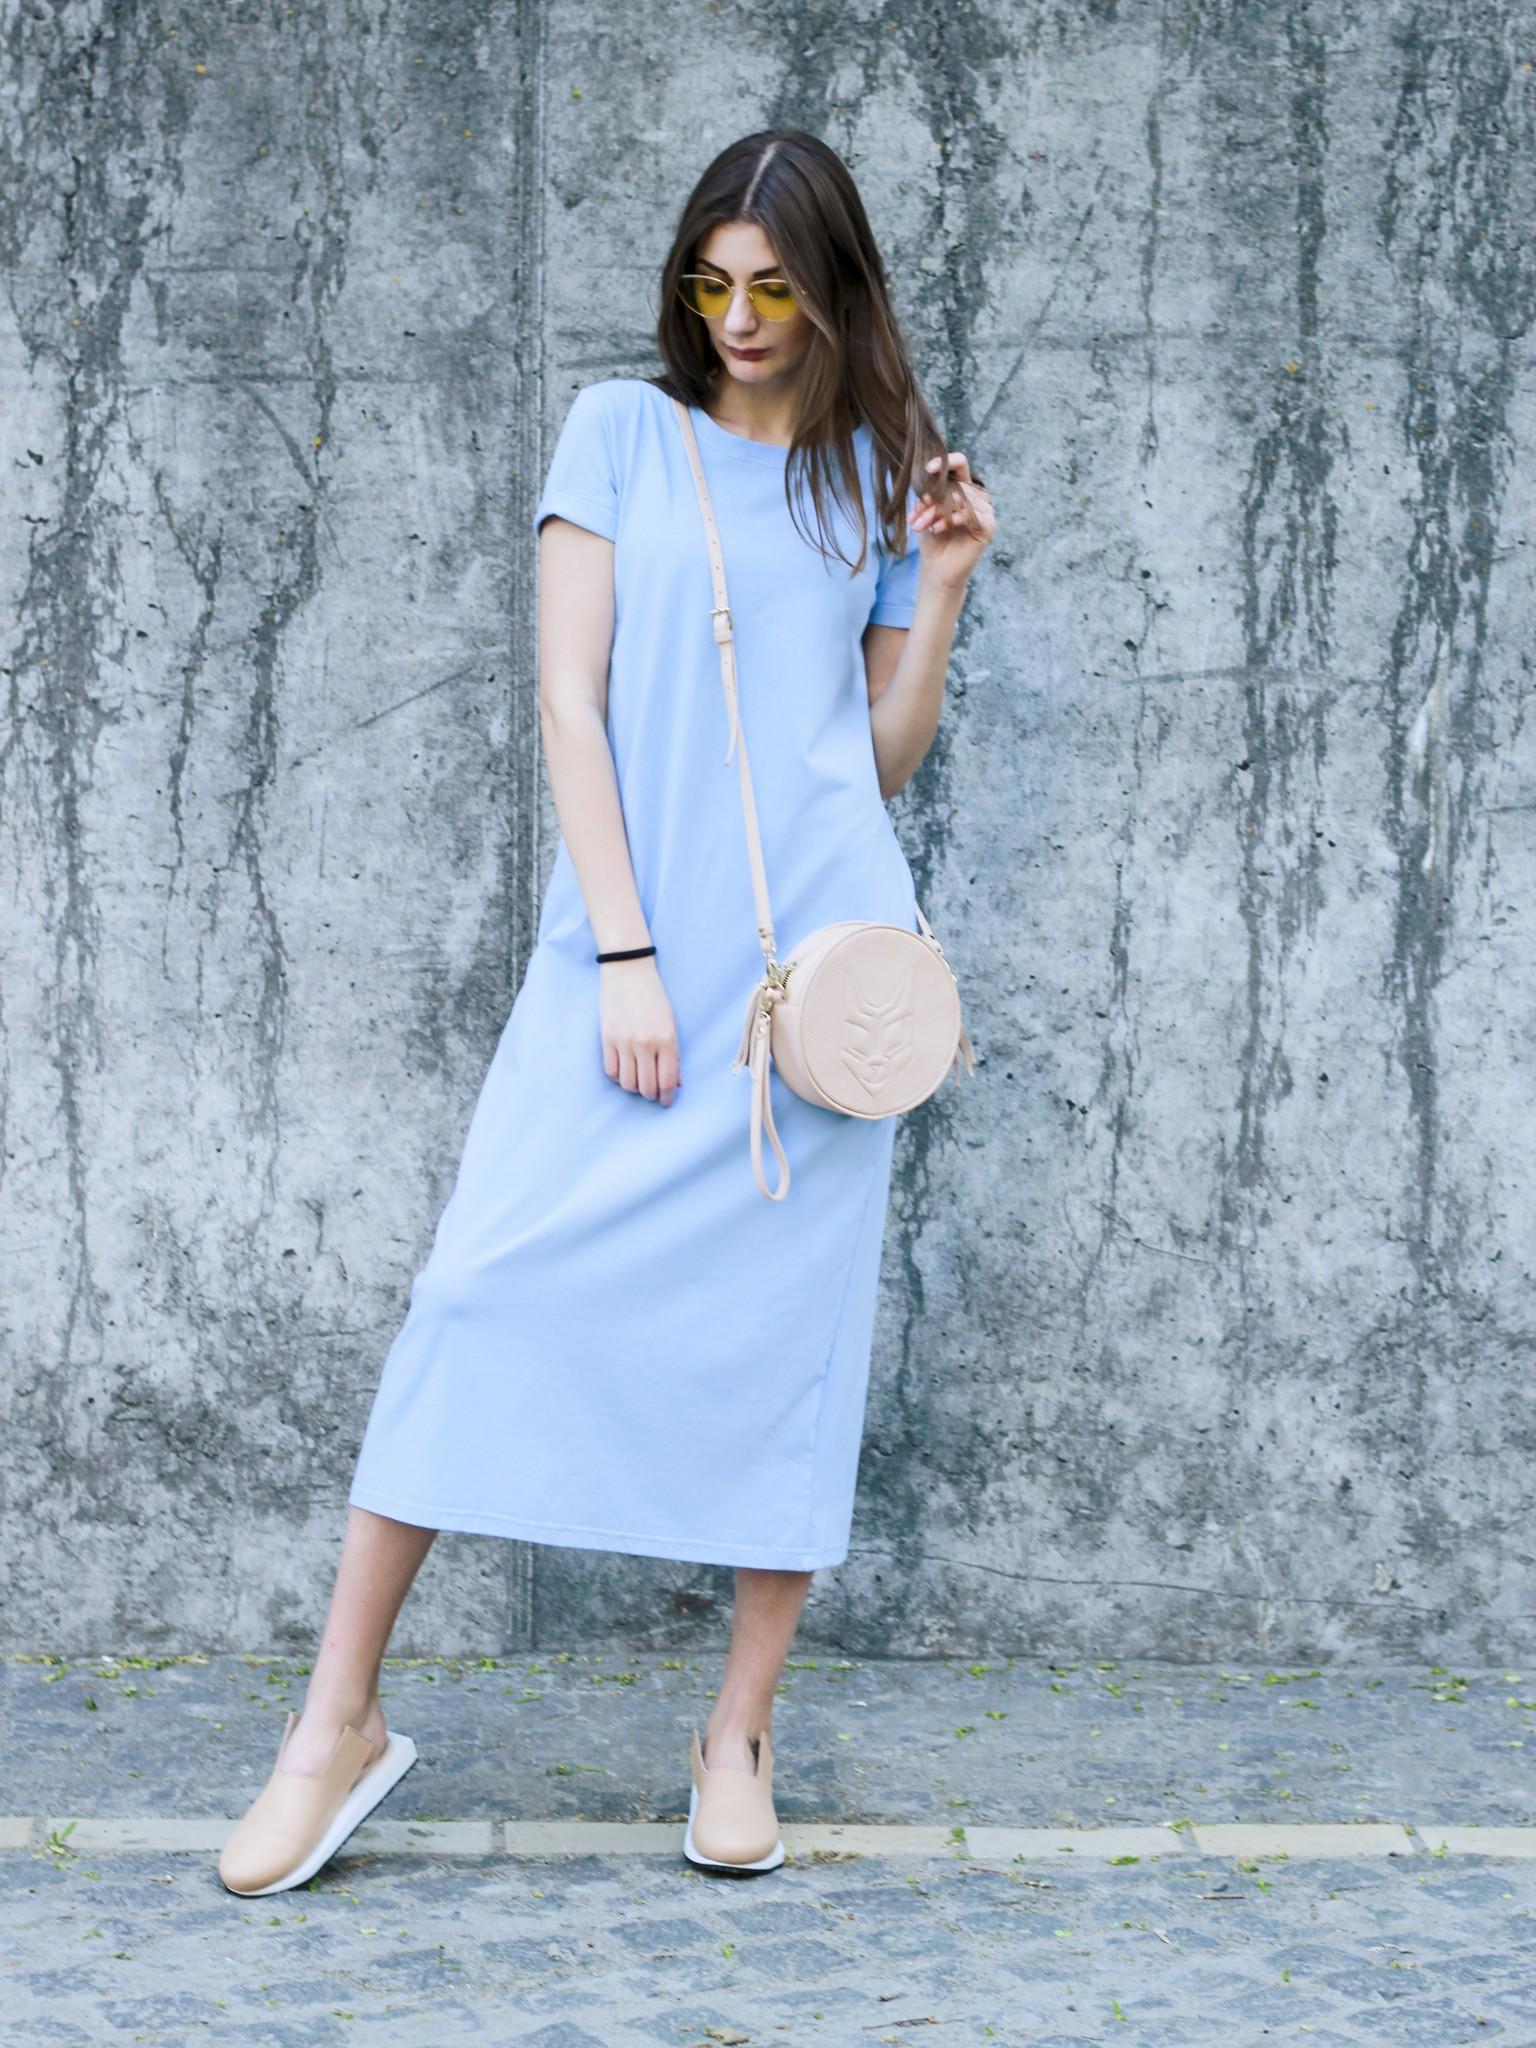 66882ad4fcd платье-футболка голубое миди 1138 - купить по лучшим ценам в Киеве ...